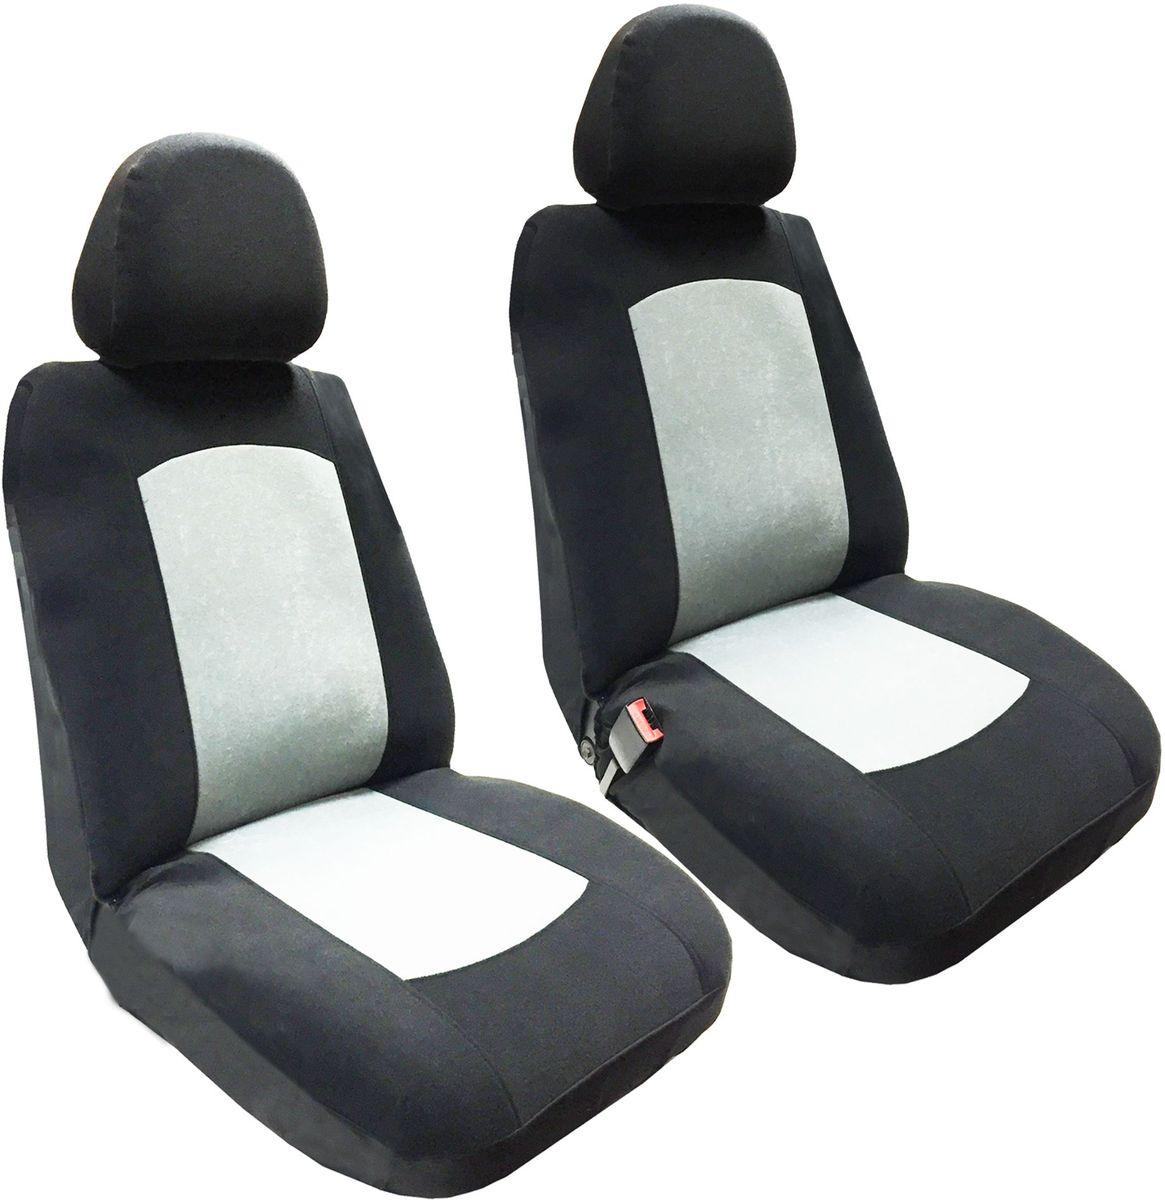 Набор автомобильных чехлов Auto Premium Фрегат, цвет: черный, серый, 4 предметаCA-3505Комплект универсальных чехлов Auto Premium Фрегат выполнен из велюра, предназначен для передних кресел автомобиля. На задней спинке чехла расположен вшивной карман. В комплект входят съемные чехлы для подголовников. Практичный и долговечный комплект чехлов для передних сидений надежно защищает сиденье водителя и пассажира от механических повреждений, загрязнений и износа.